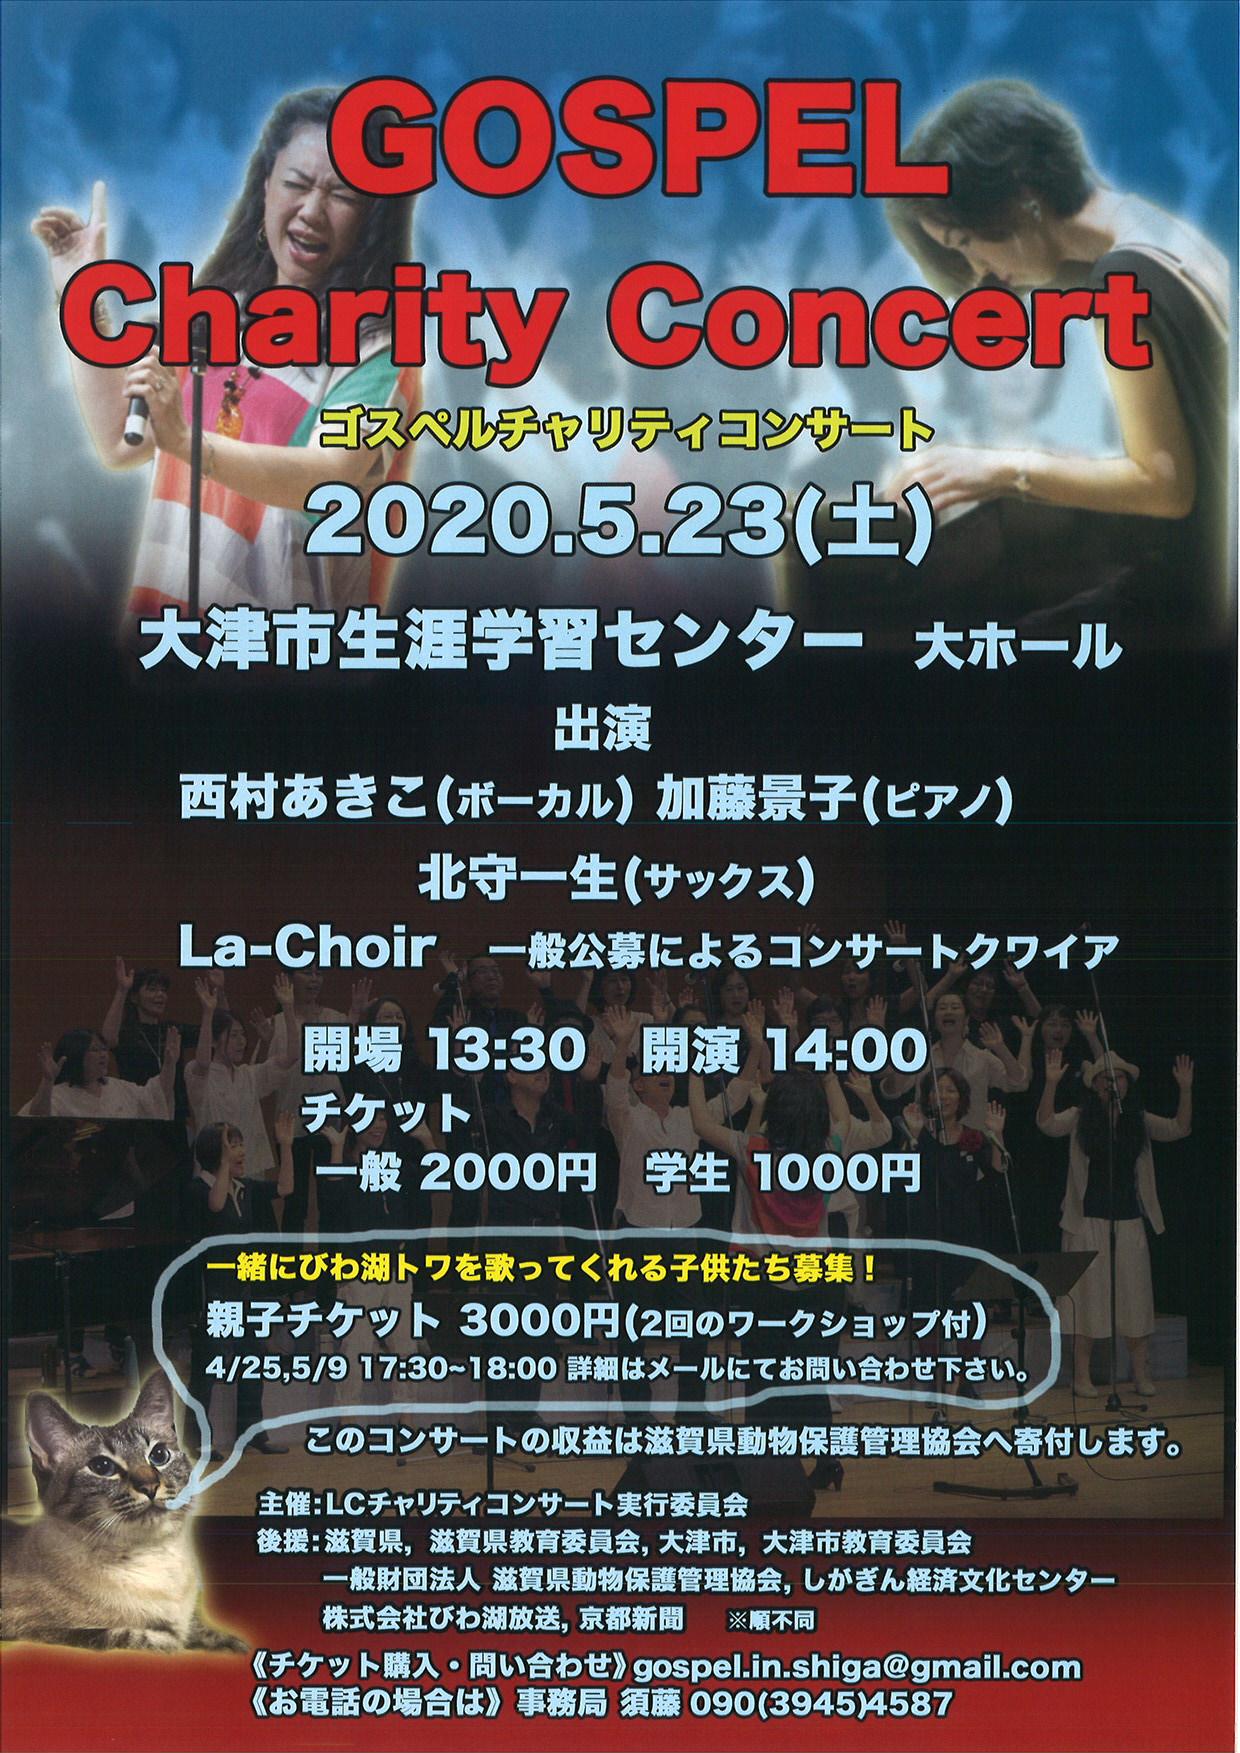 【中止】西村あきこ 加藤景子 ゴスペルチャリティコンサート